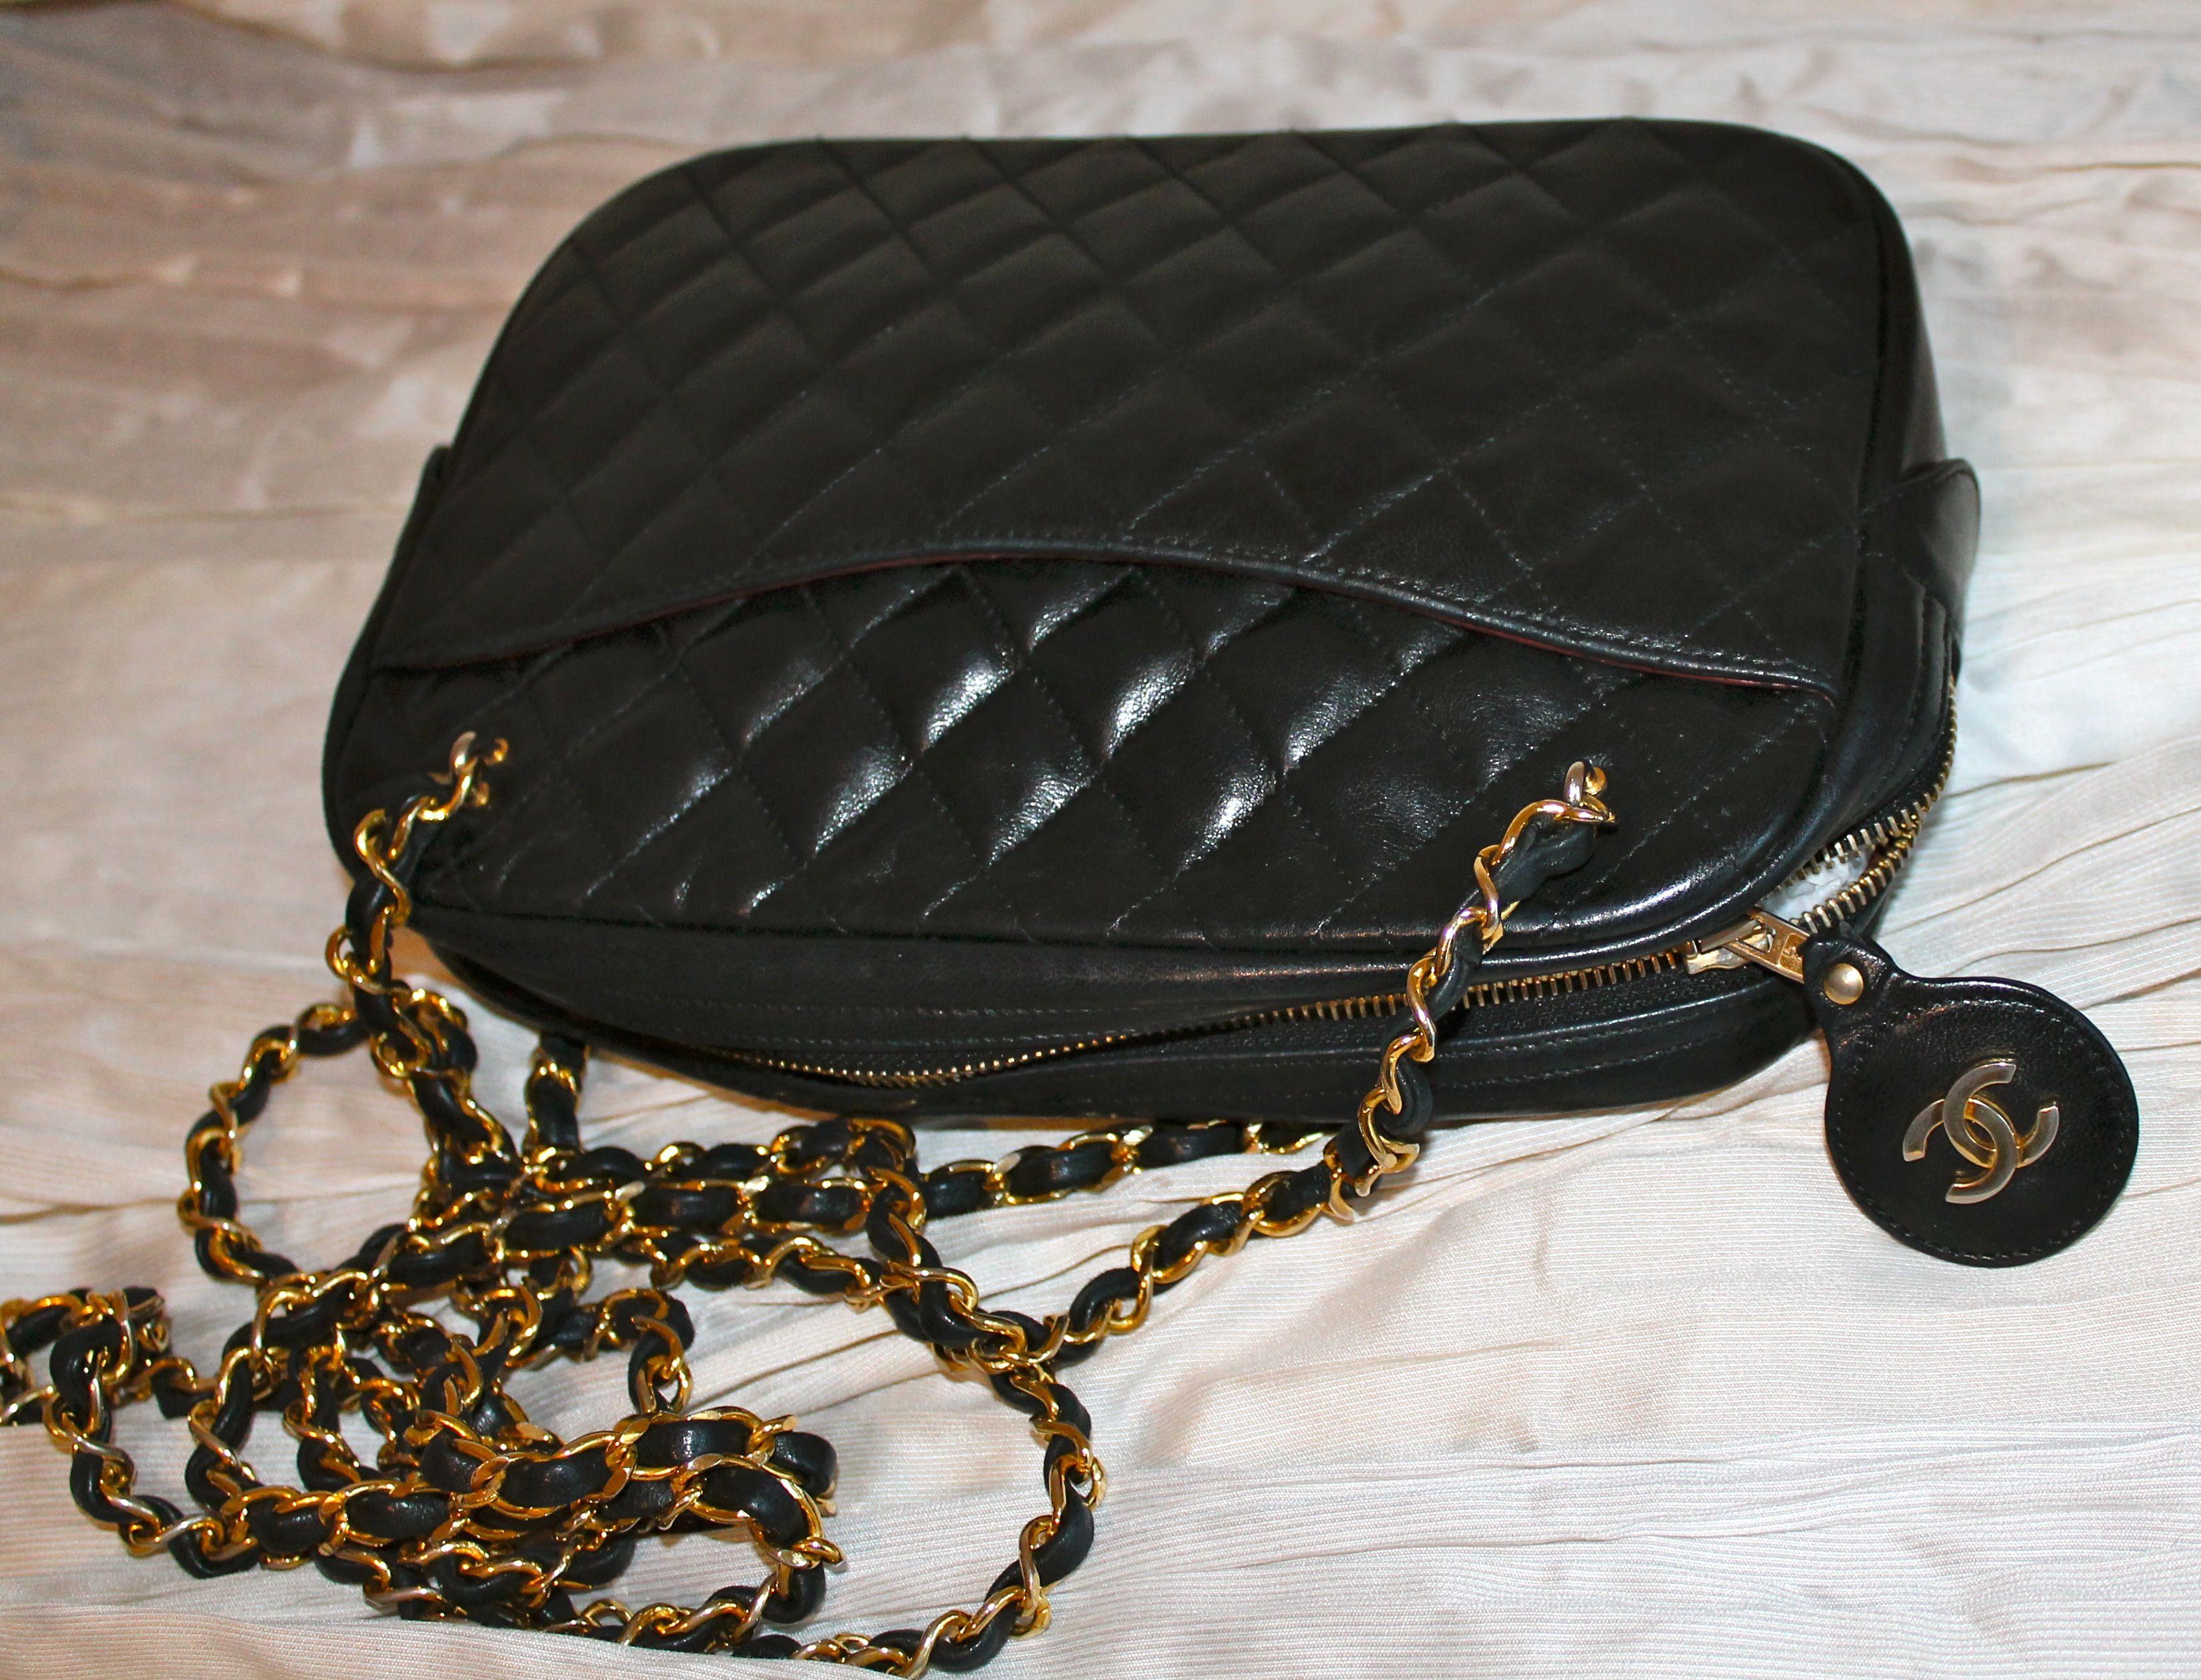 Borse Con Catena Chanel.Borsa Chanel In Agnello Nero Matelasse Con Doppia Tracolla Con